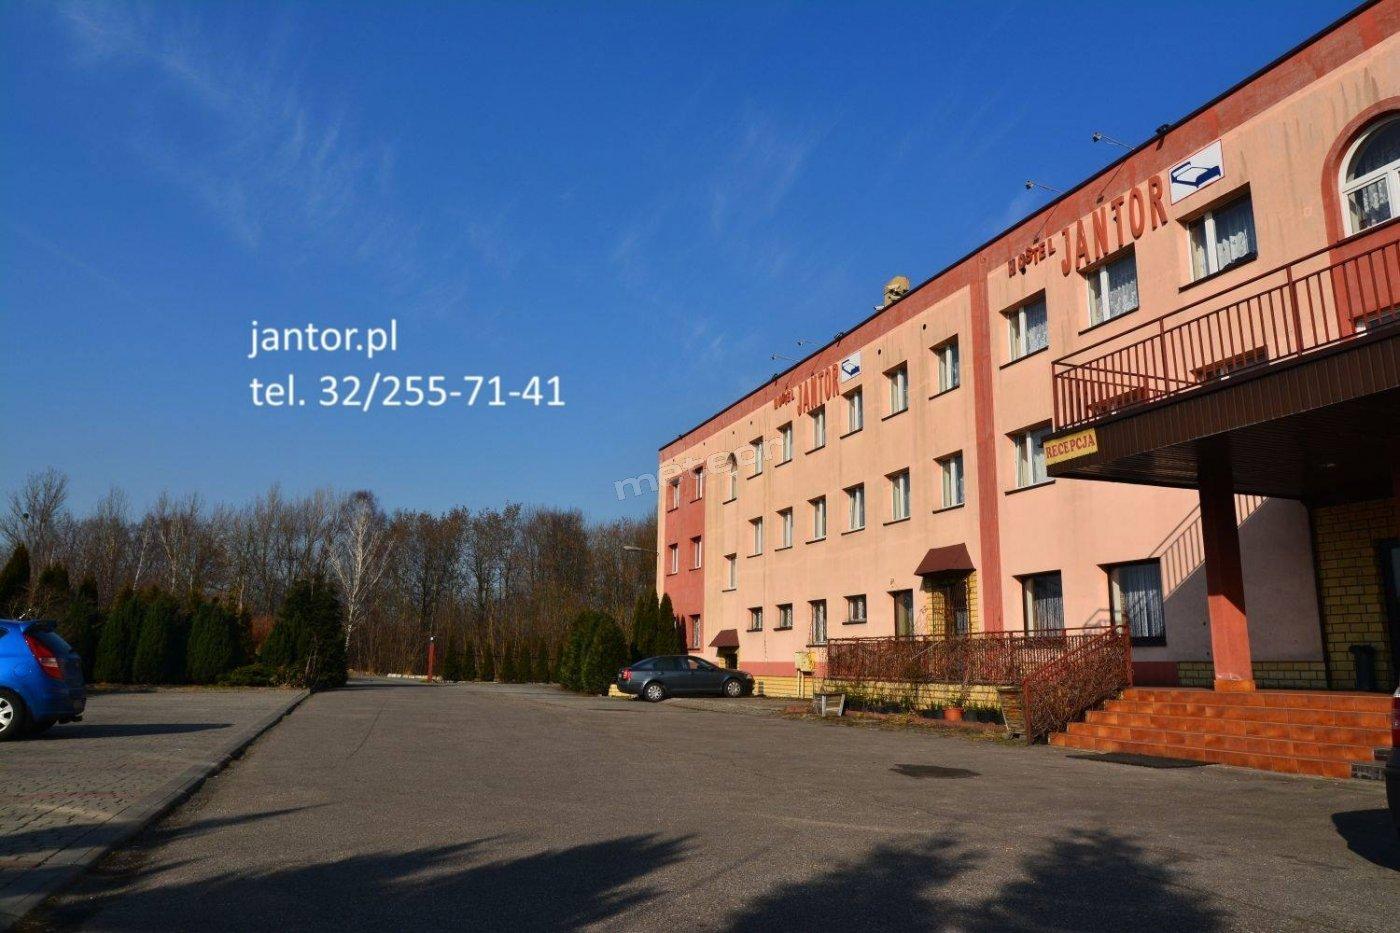 jantor.pl